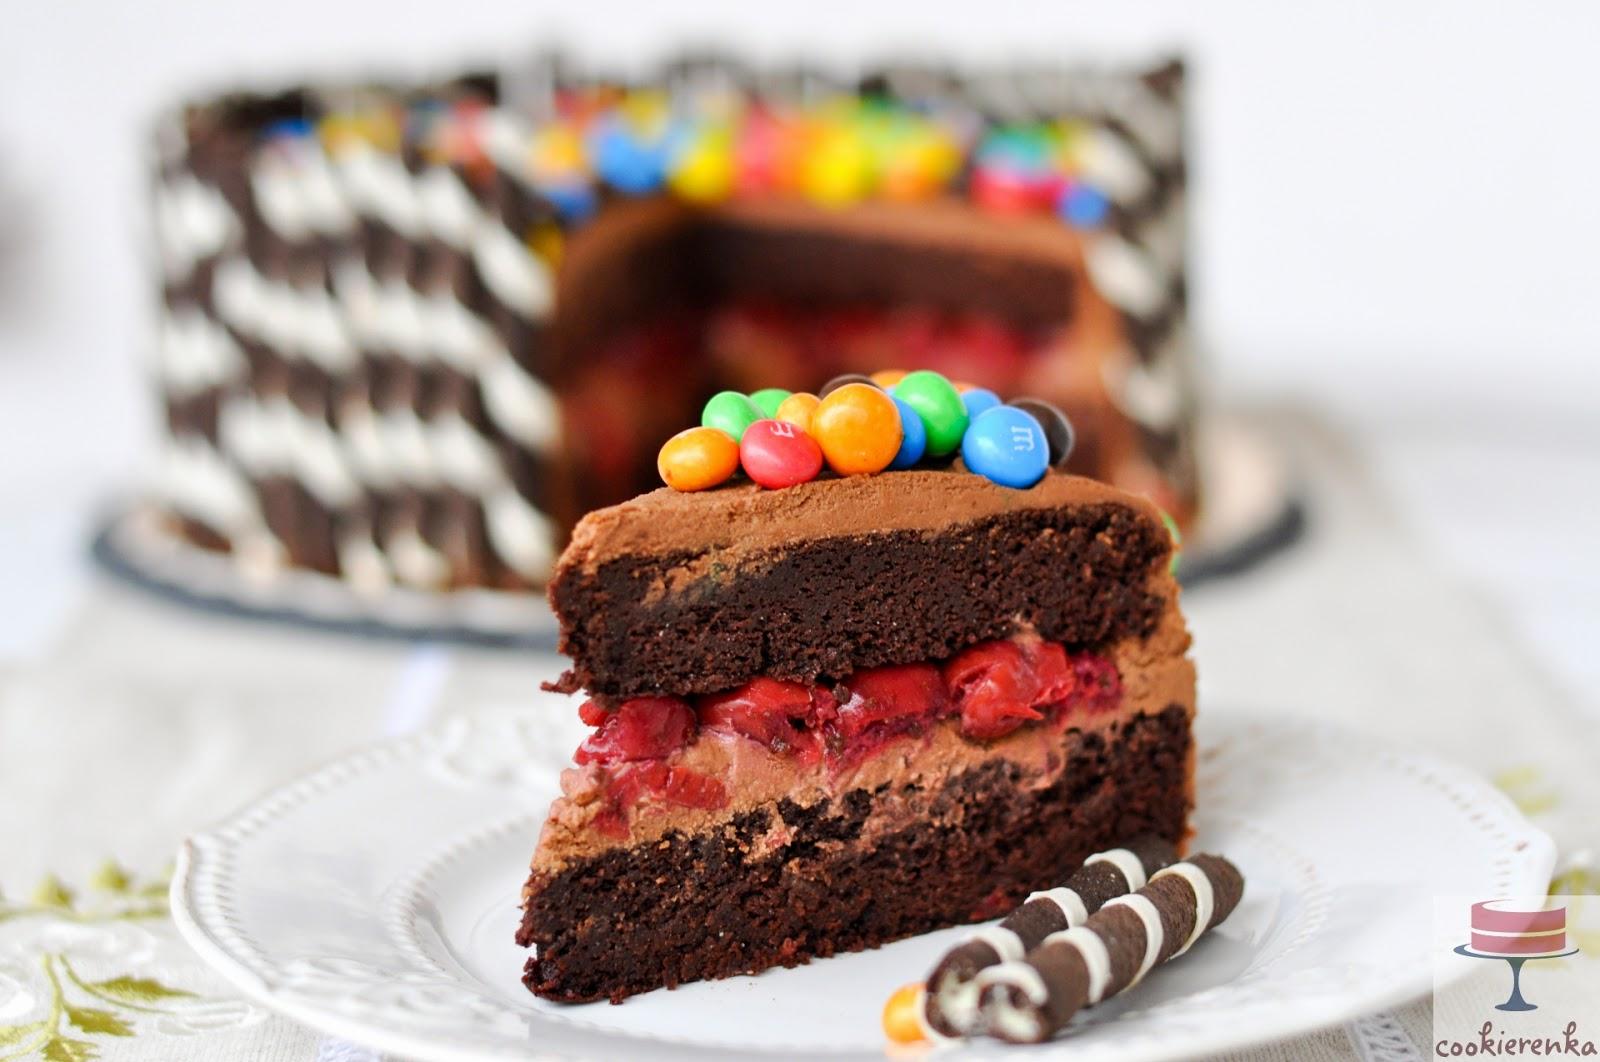 http://www.cookierenka.com/2015/01/czekoladowy-tort-fasolowy.html